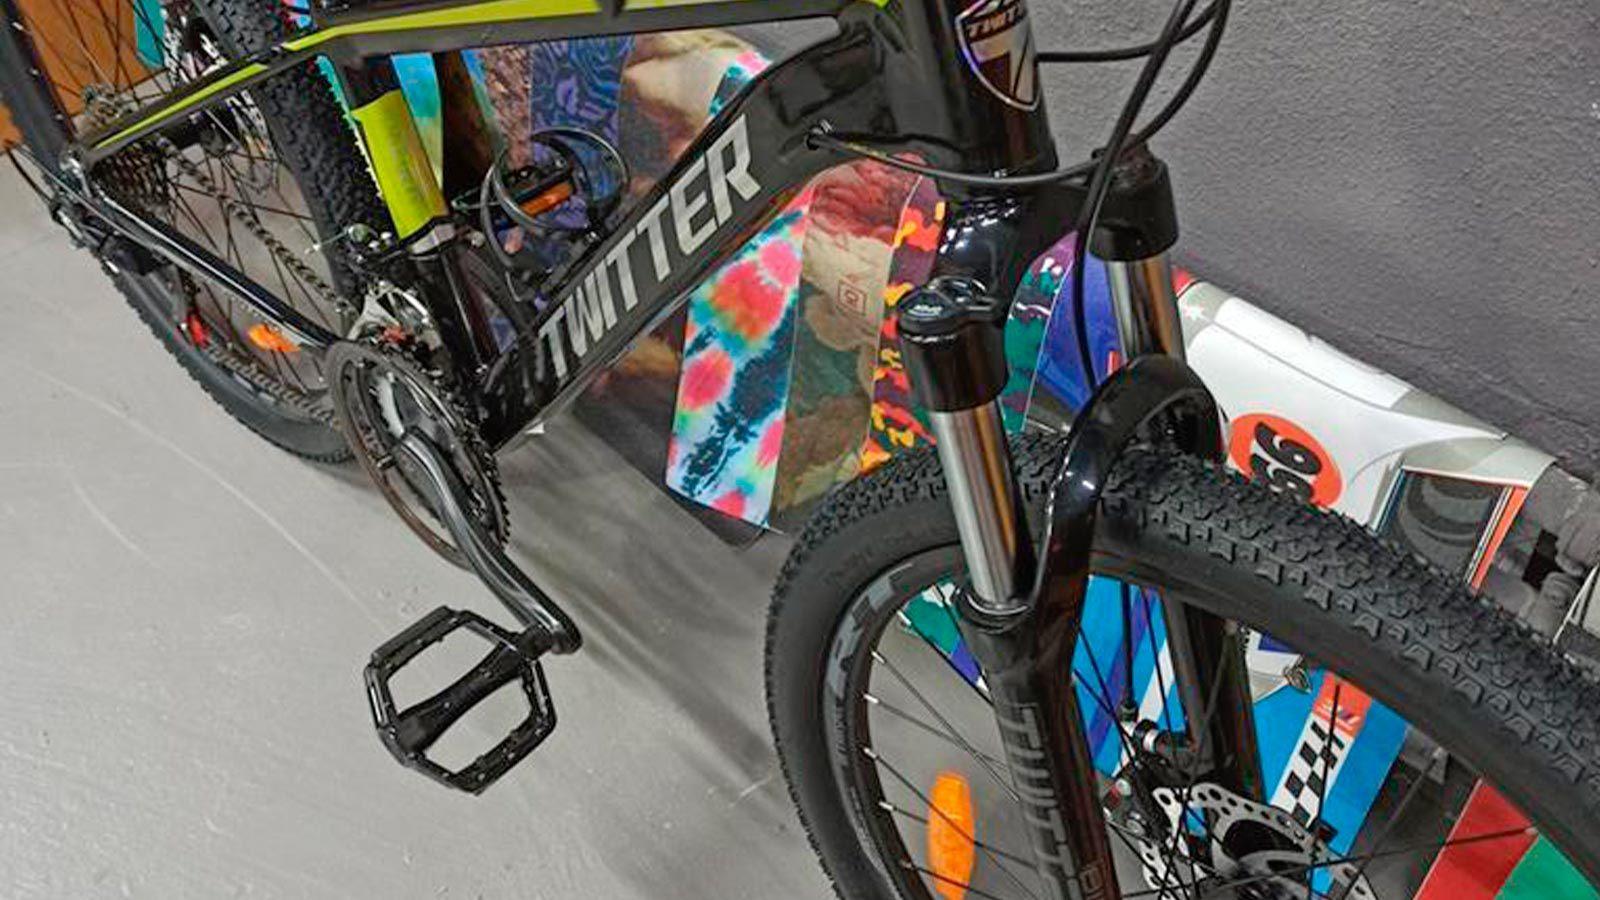 вилка переднего колеса и педаль горного велосипеда